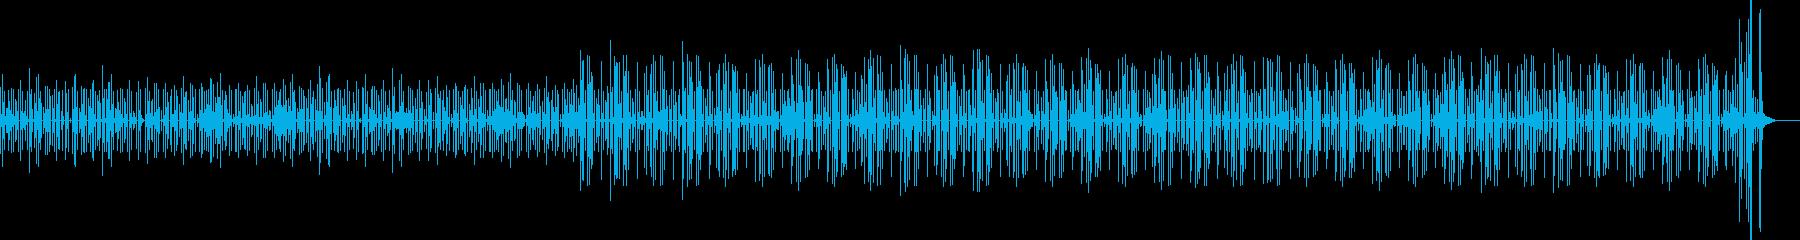 トイ系、のんびり陽気トーク&ゲームの再生済みの波形